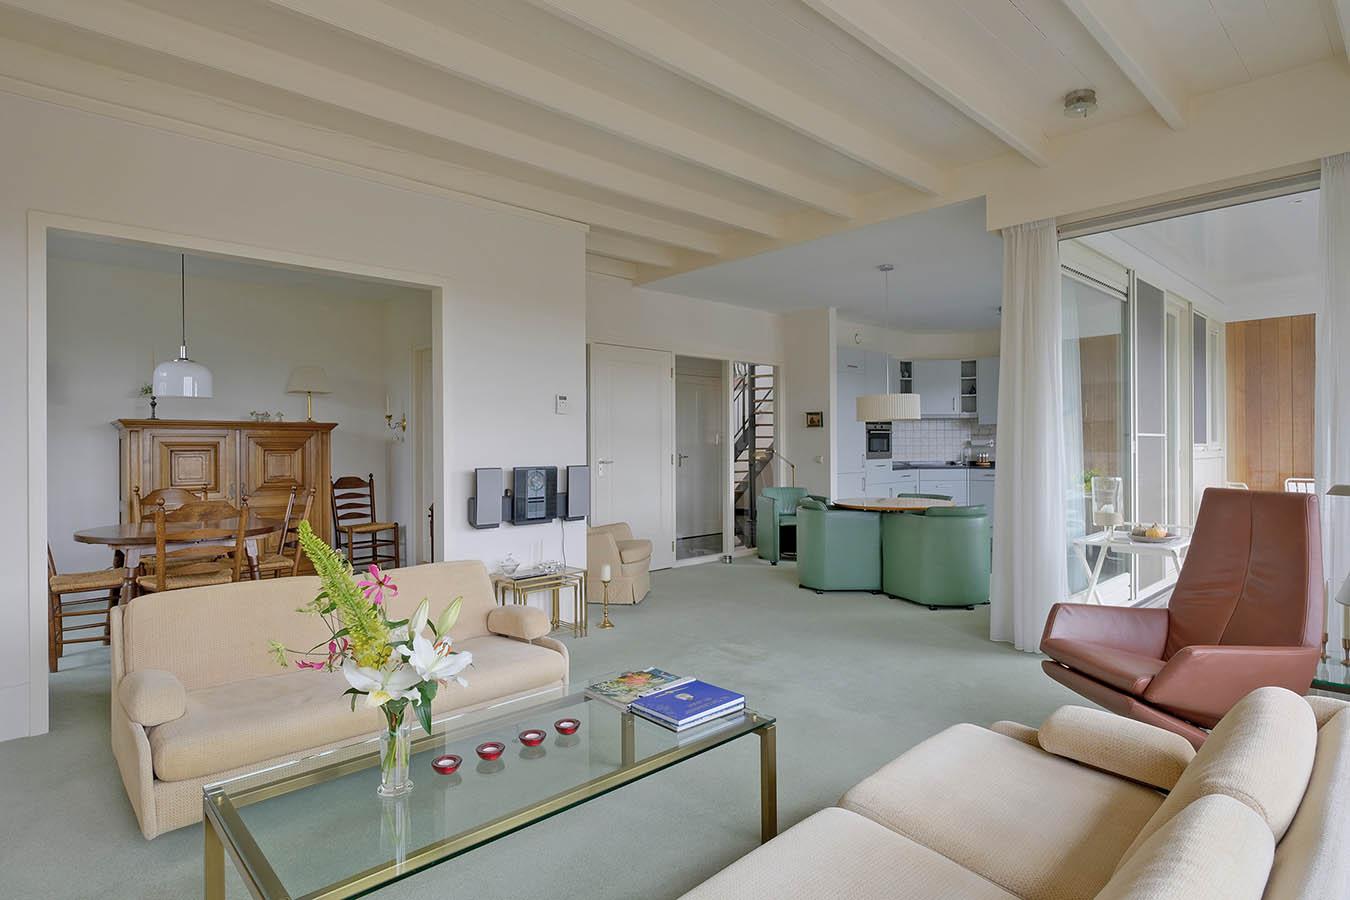 woonkamer met historische eiken balken